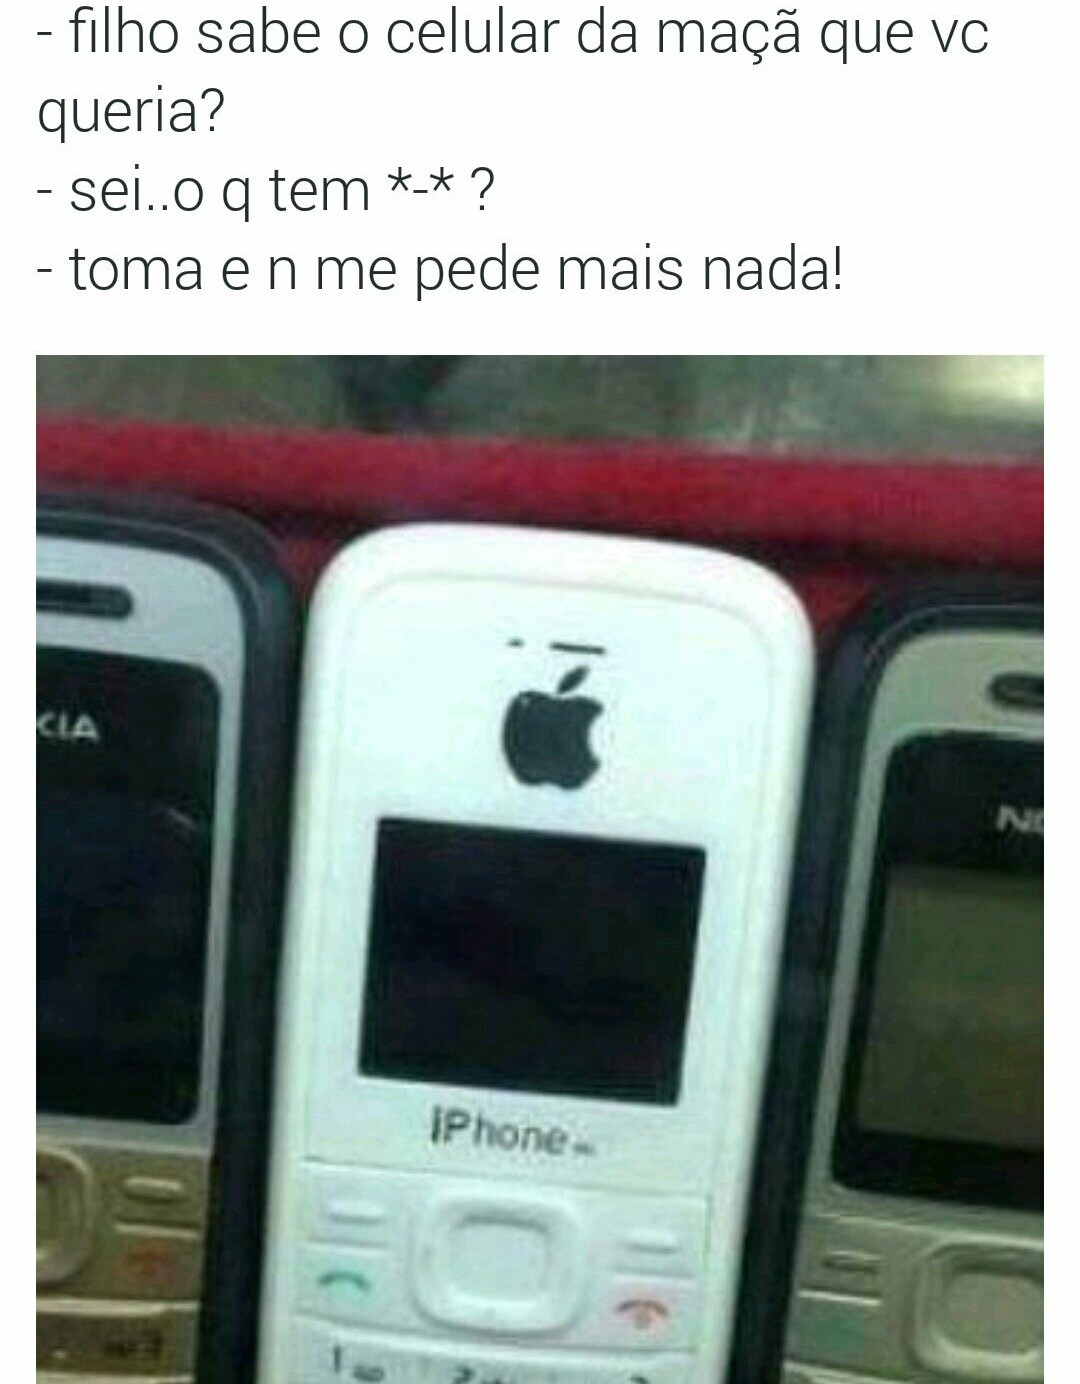 Da maçã - meme